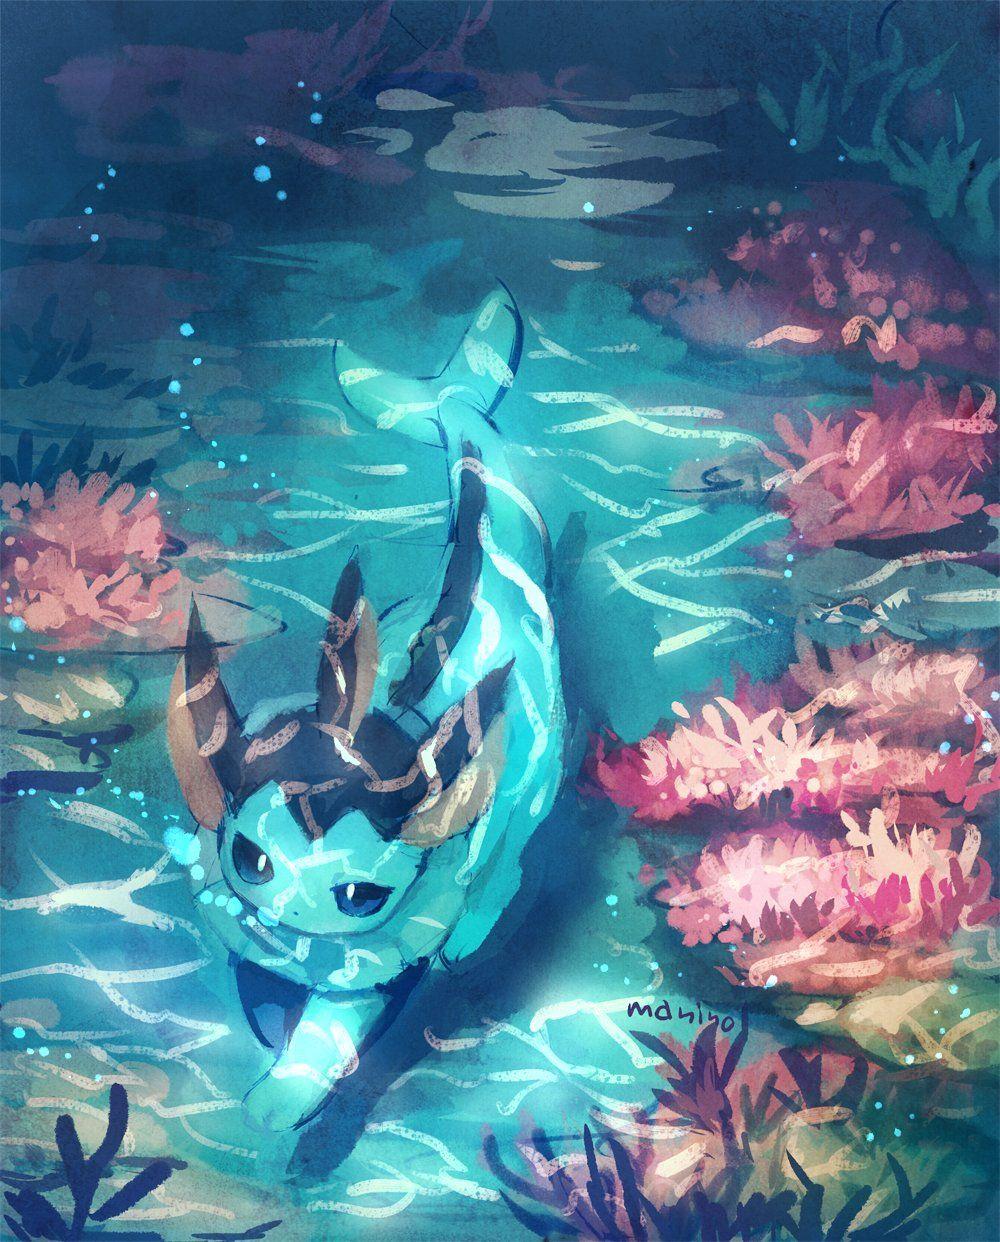 #Vaporeon | pokemon | Pokemon, Pokemon eevee, Pokemon fan art